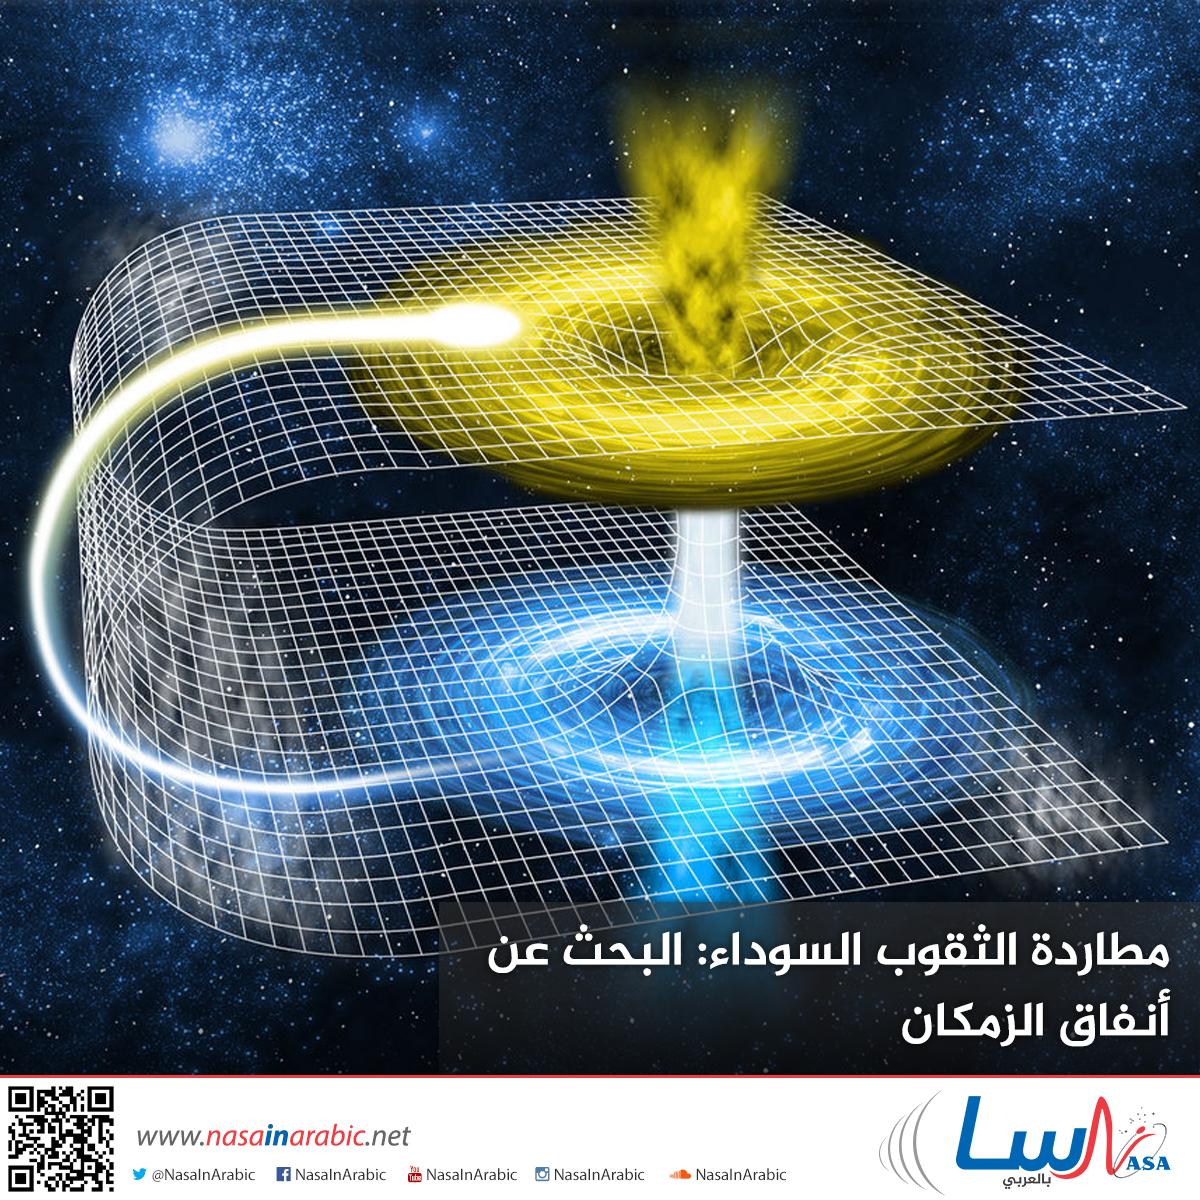 مطاردة الثقوب السوداء: البحث عن أنفاق الزمكان